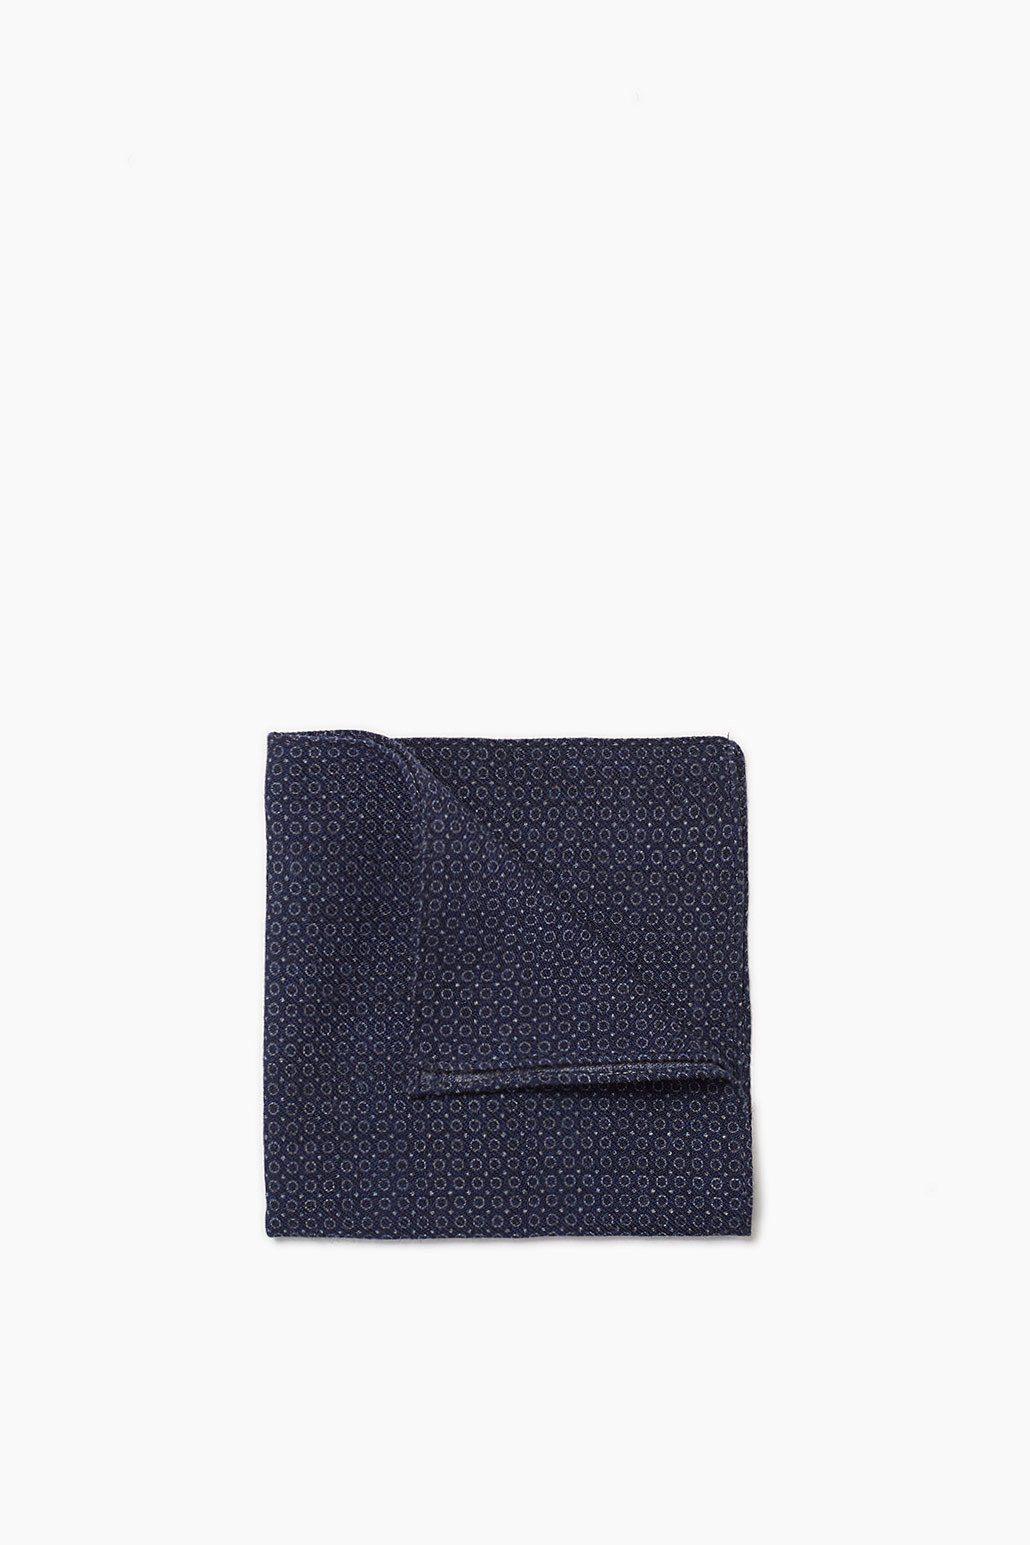 ESPRIT COLLECTION Einstecktuch mit Minimal-Print, 100% Wolle